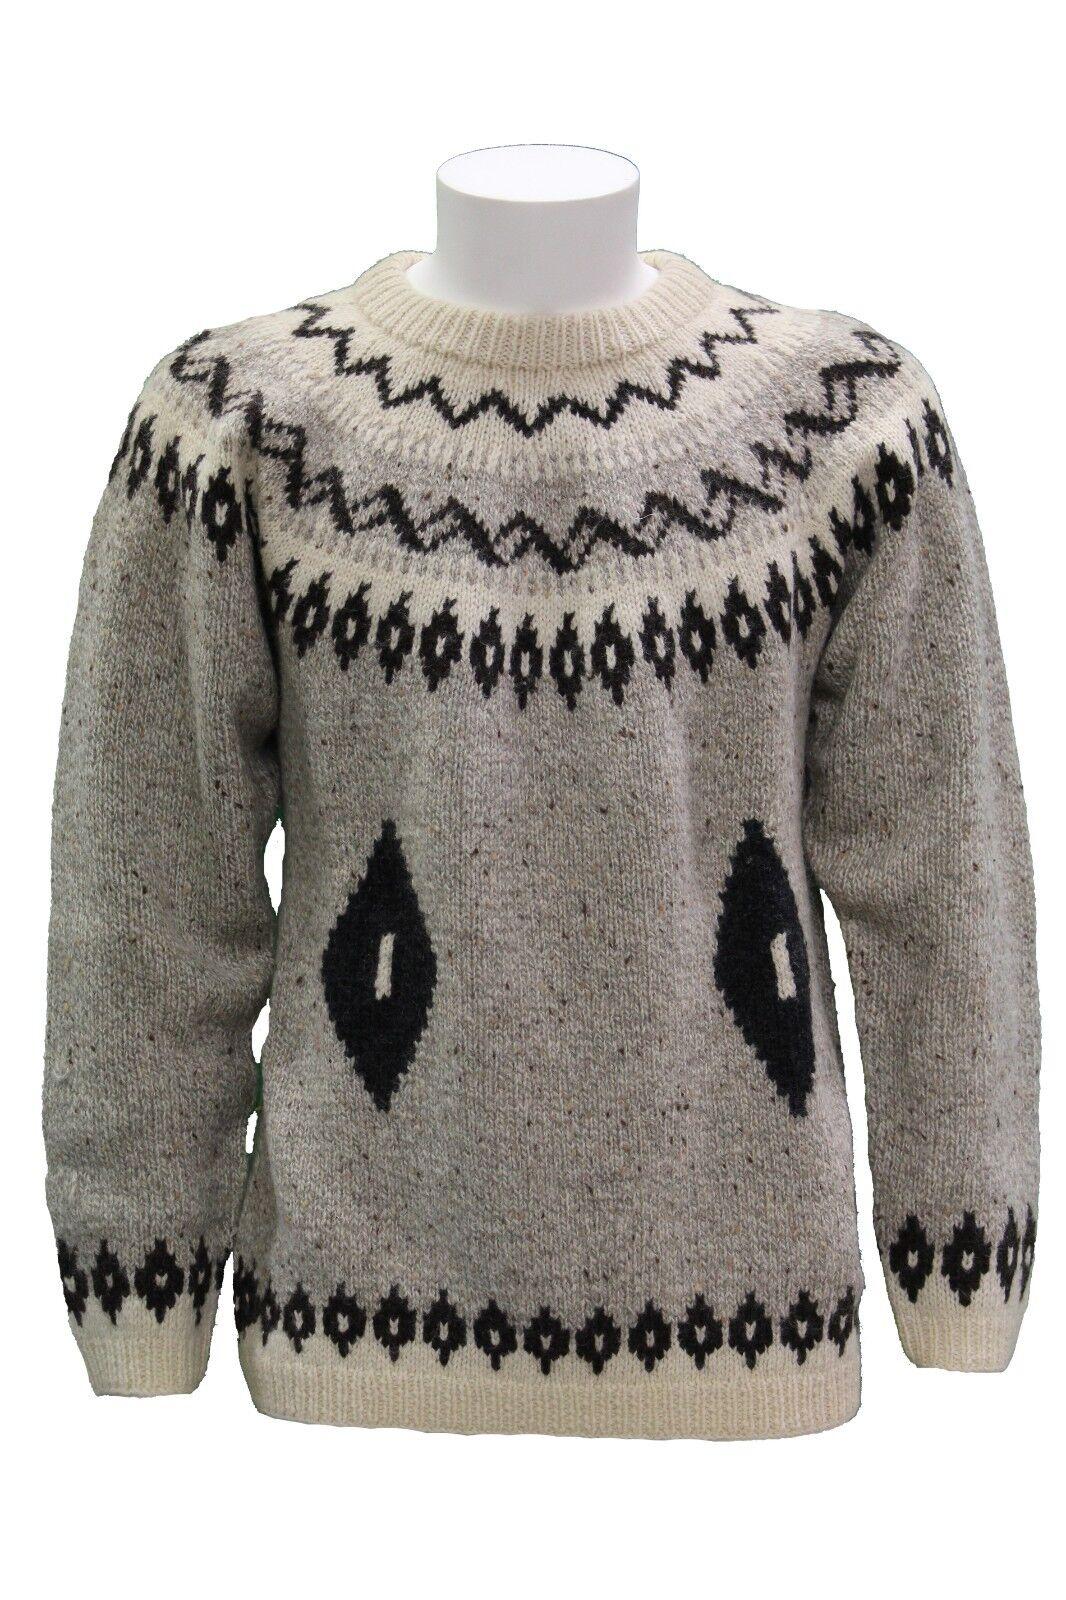 Maglione da uomo beige Invicta manica lunga girocollo casual moda lana